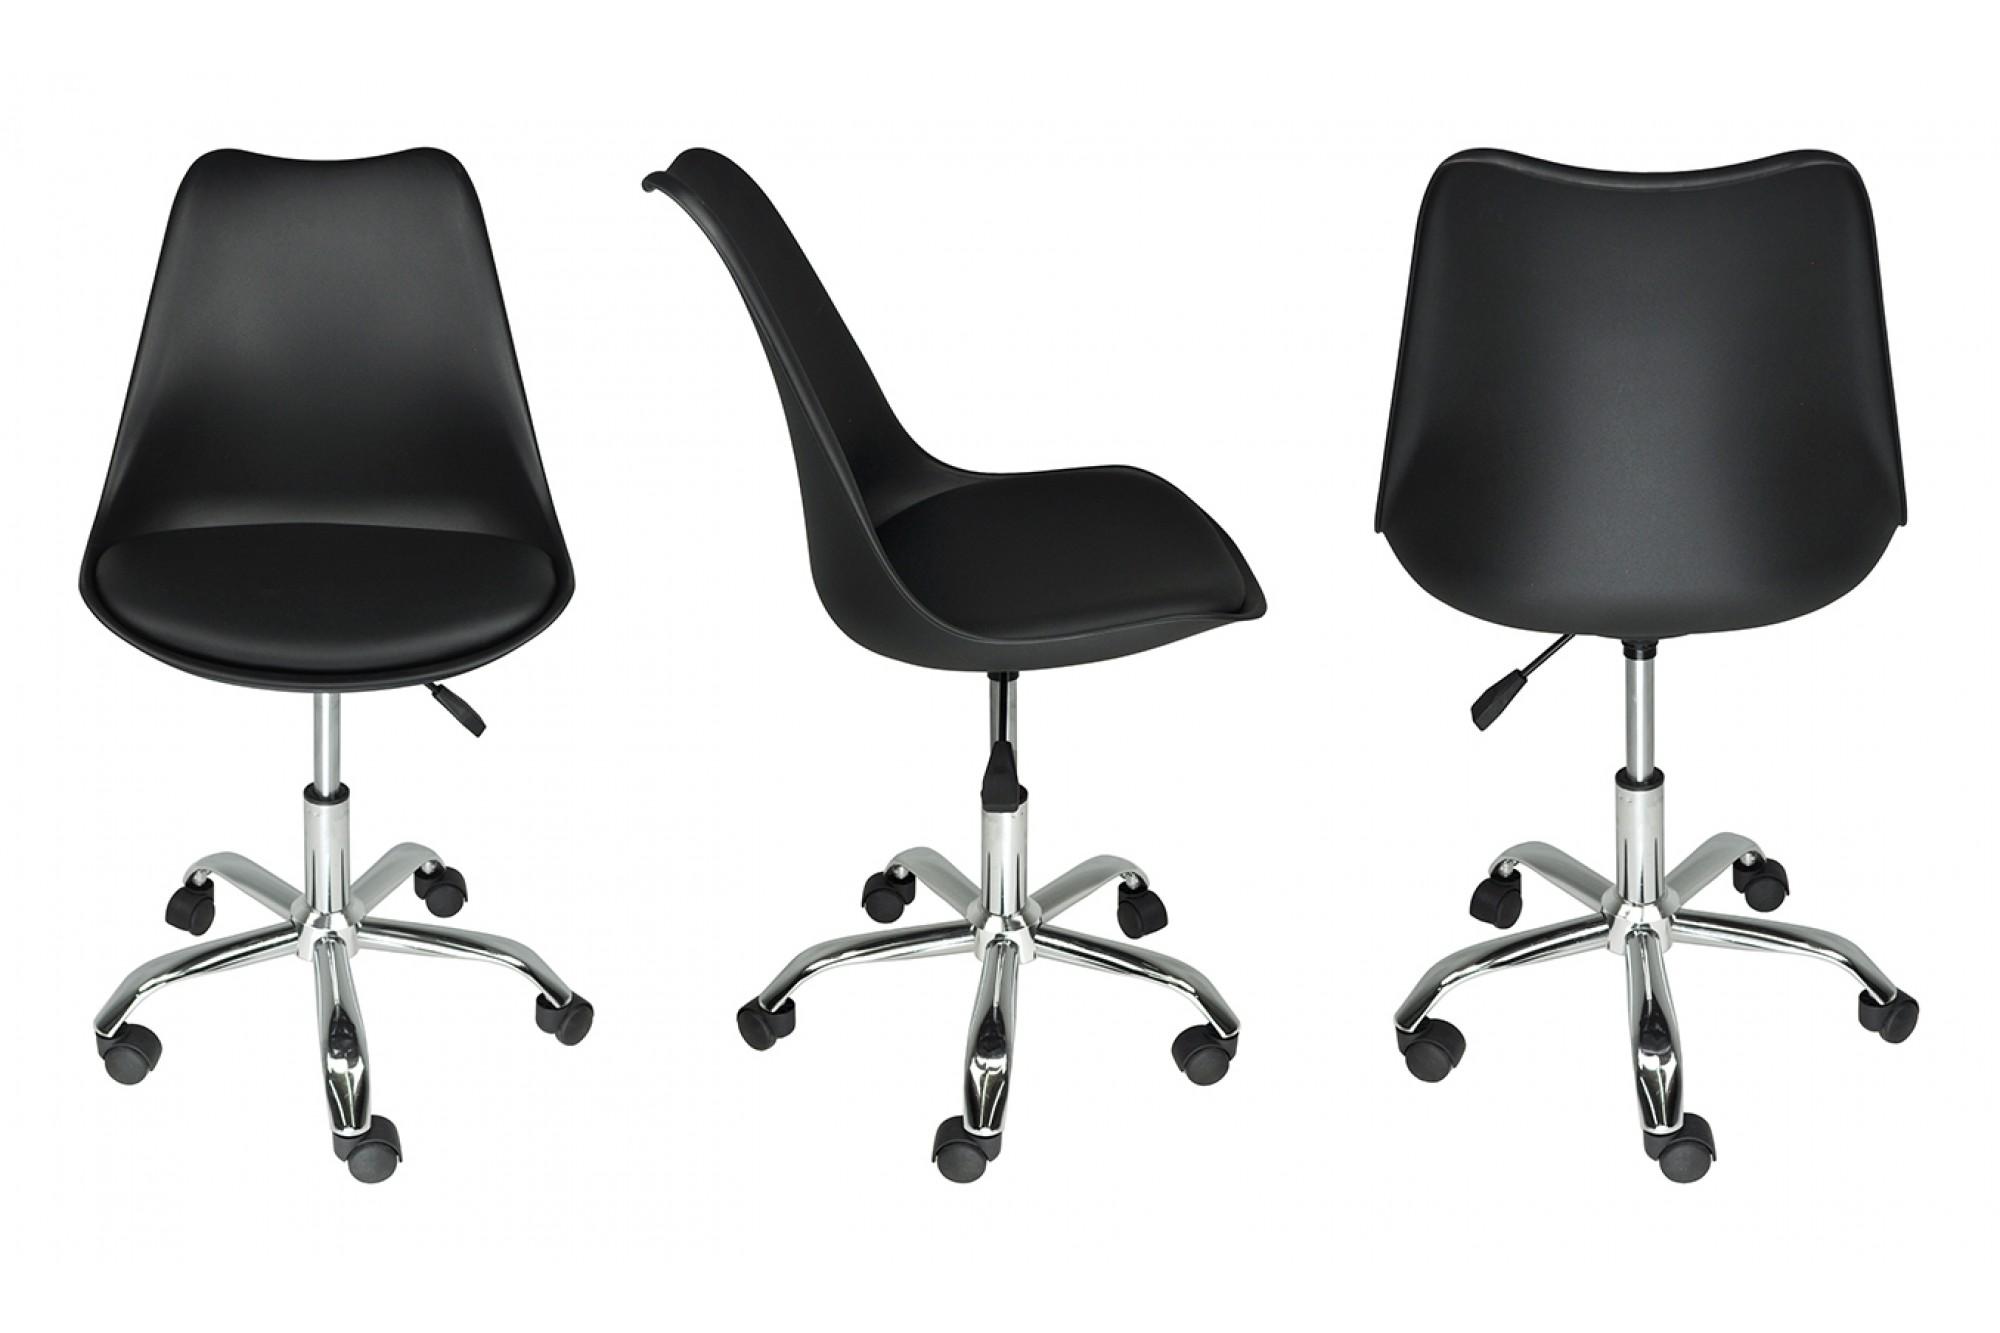 Sedia da ufficio girevole, sedia da scrivania nera con ...